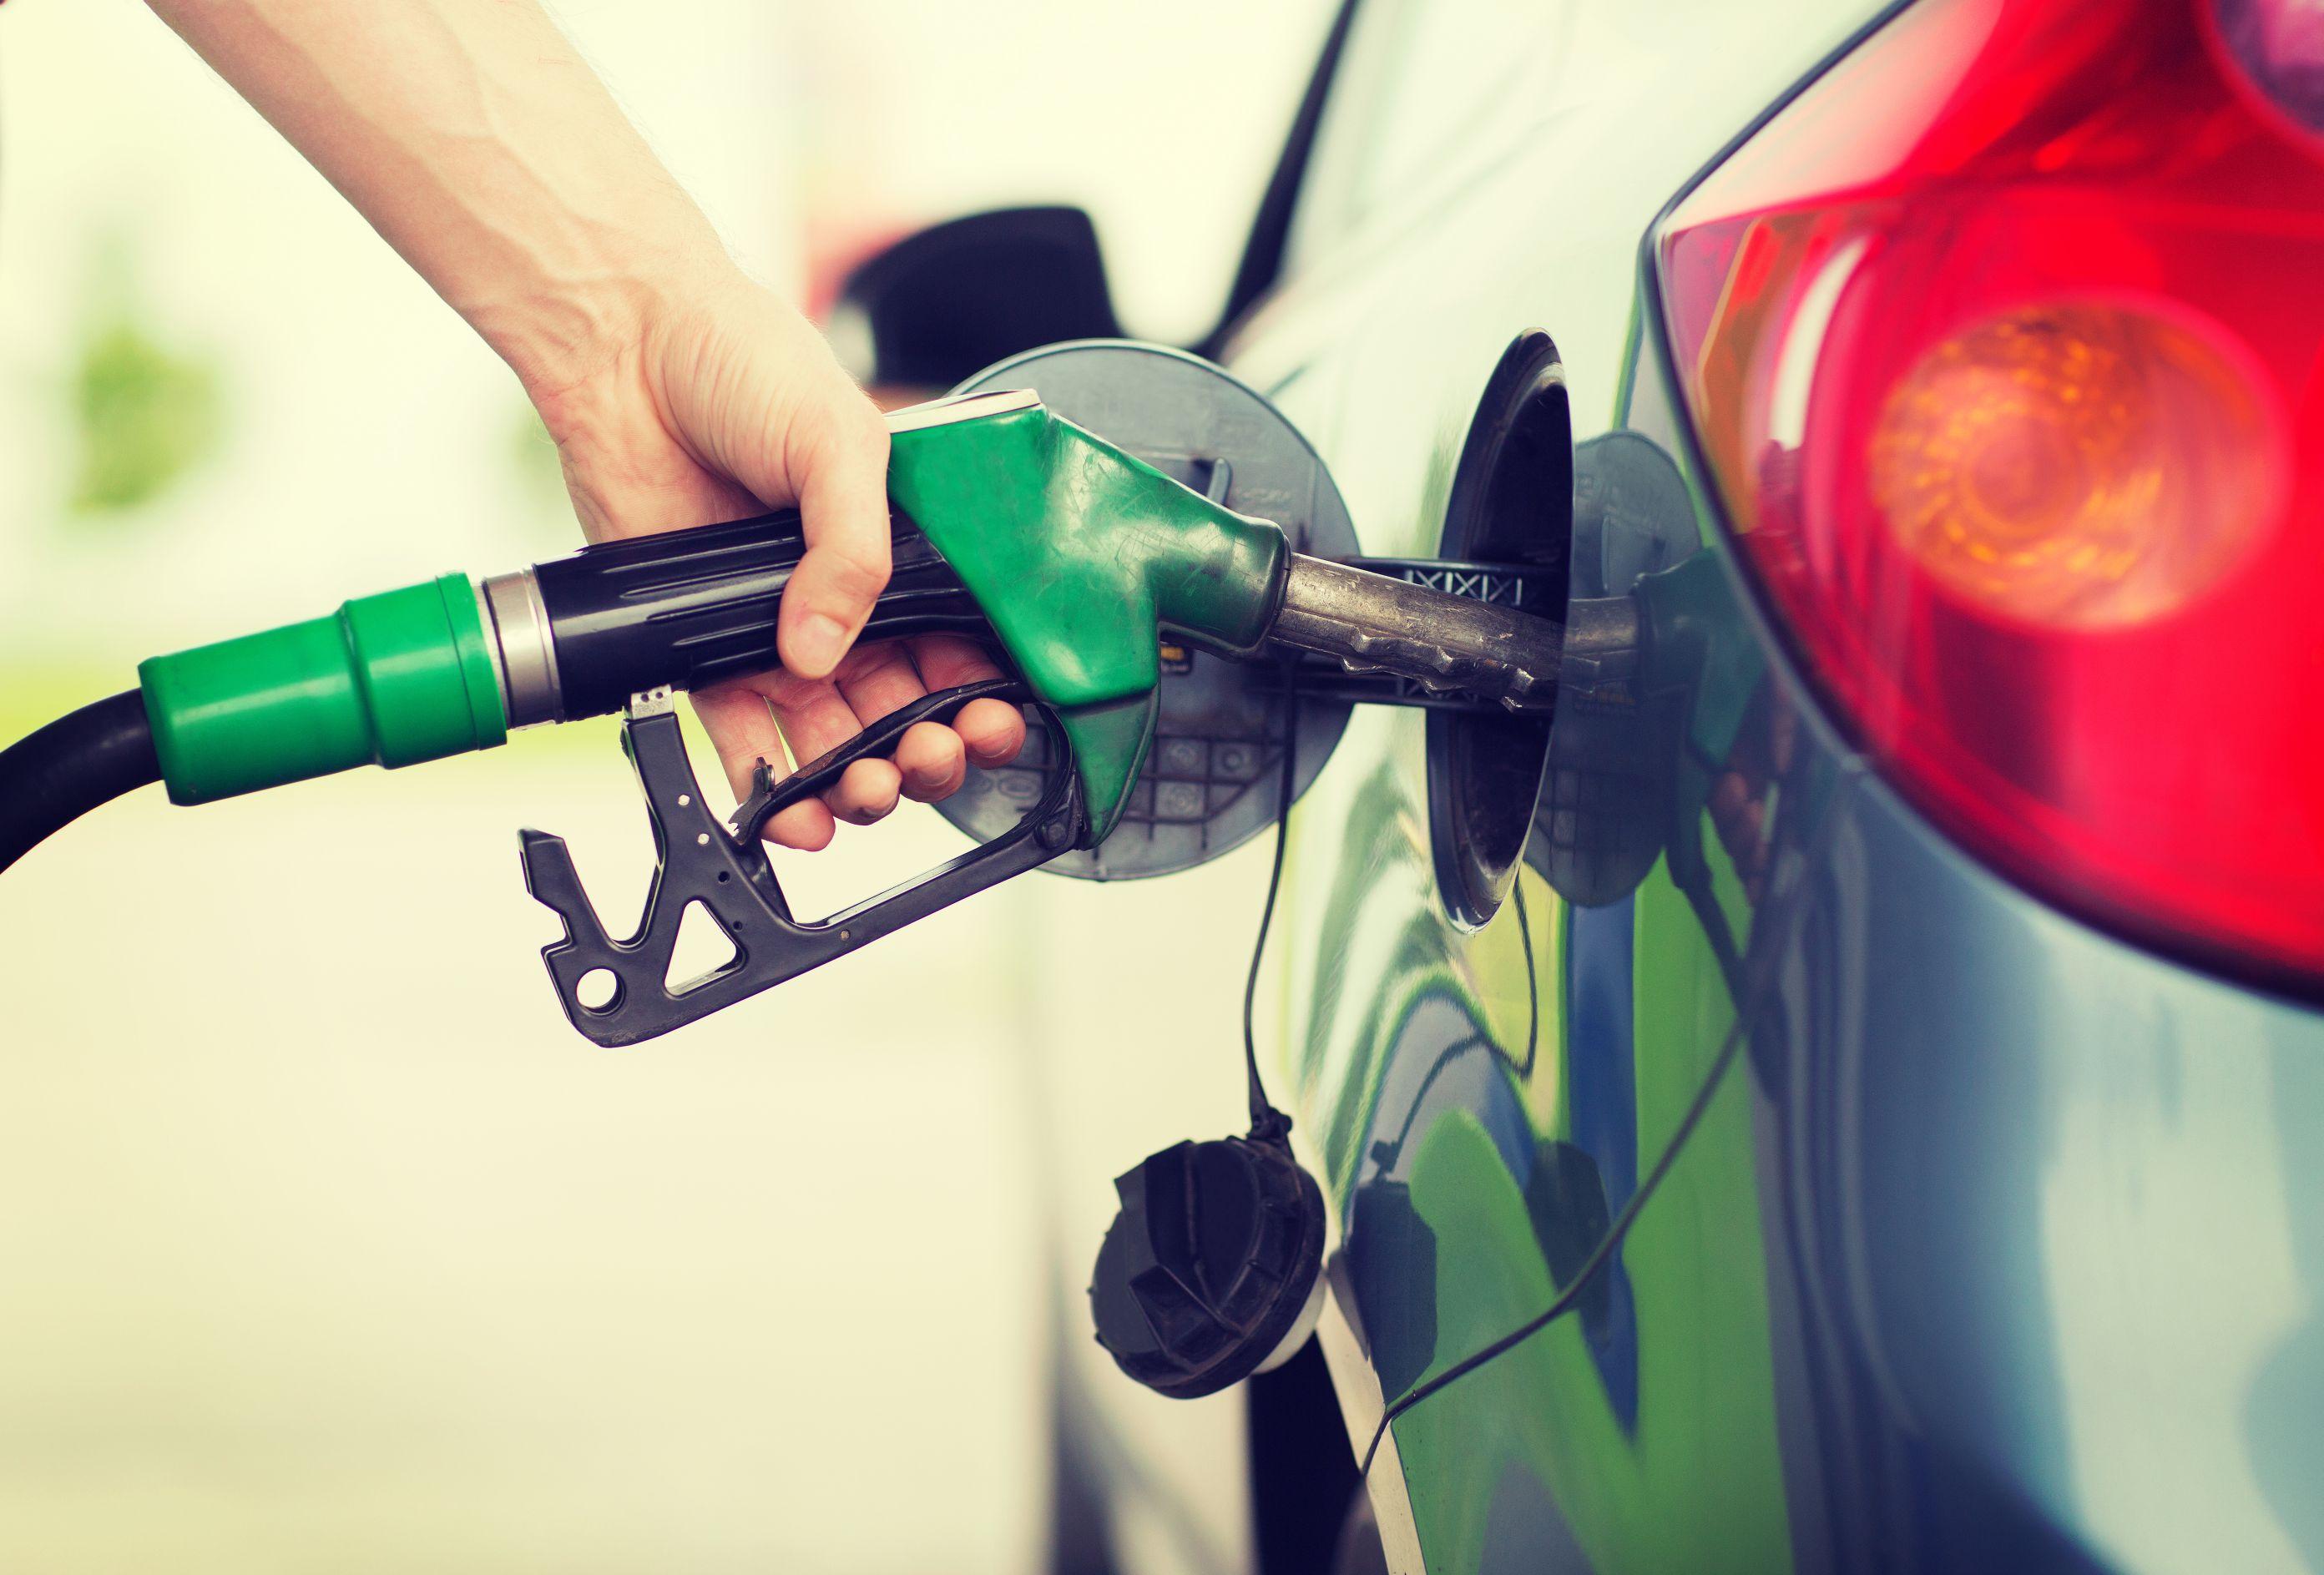 Fuel - Gasoline